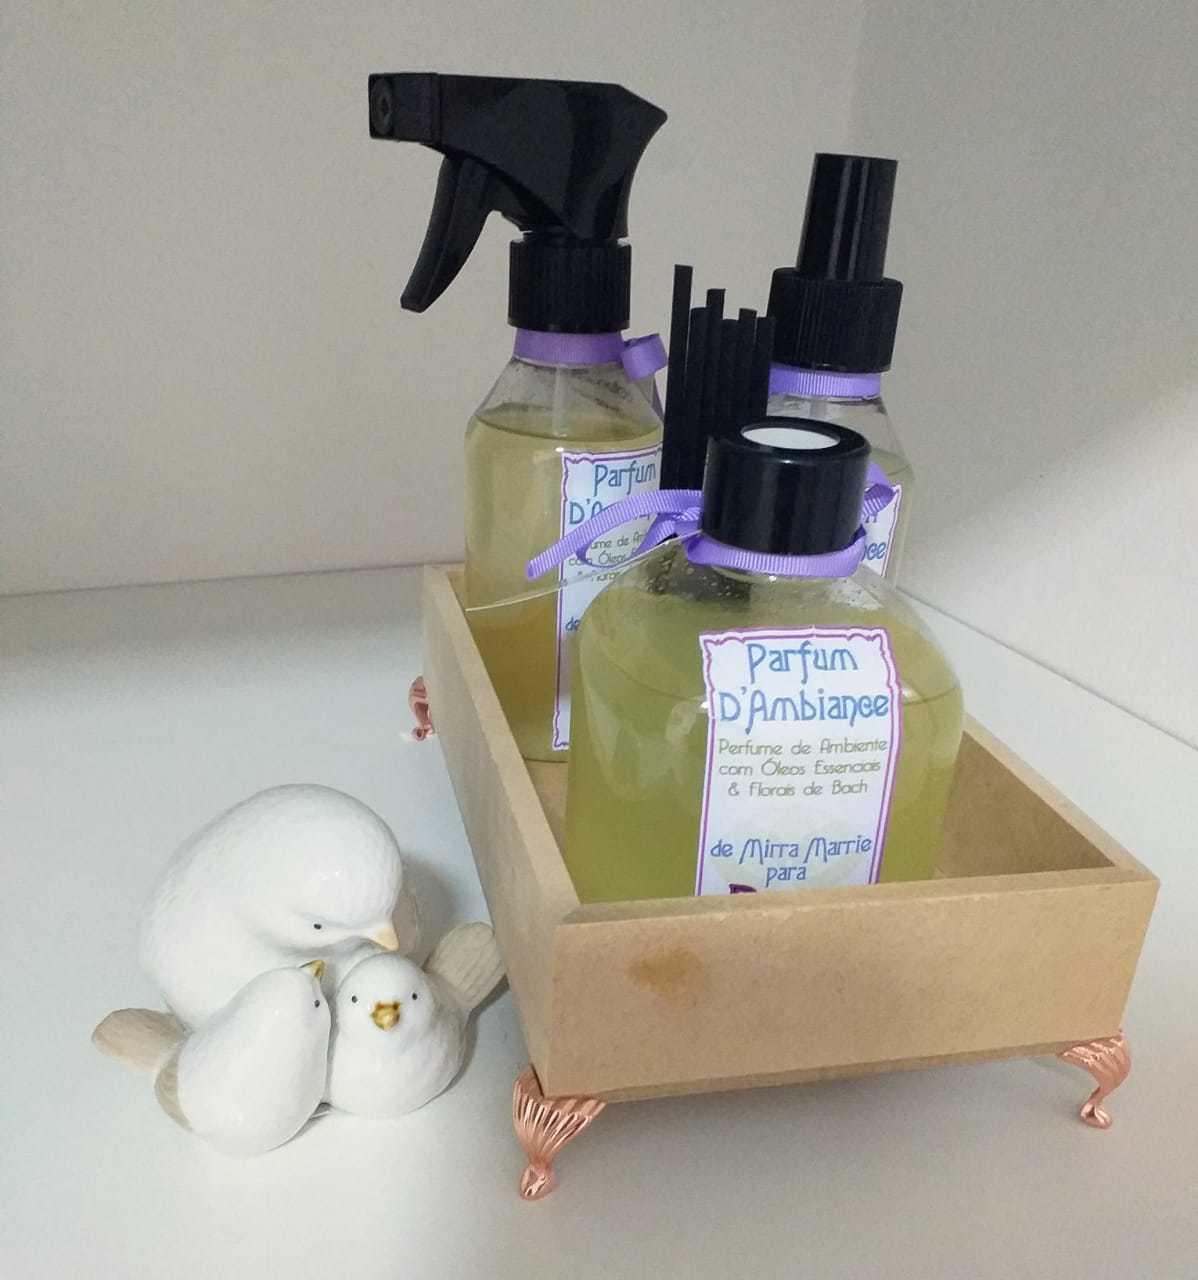 Essência em spray e perfume para melhorar o ambiente. (Foto: Arquivo pessoal)